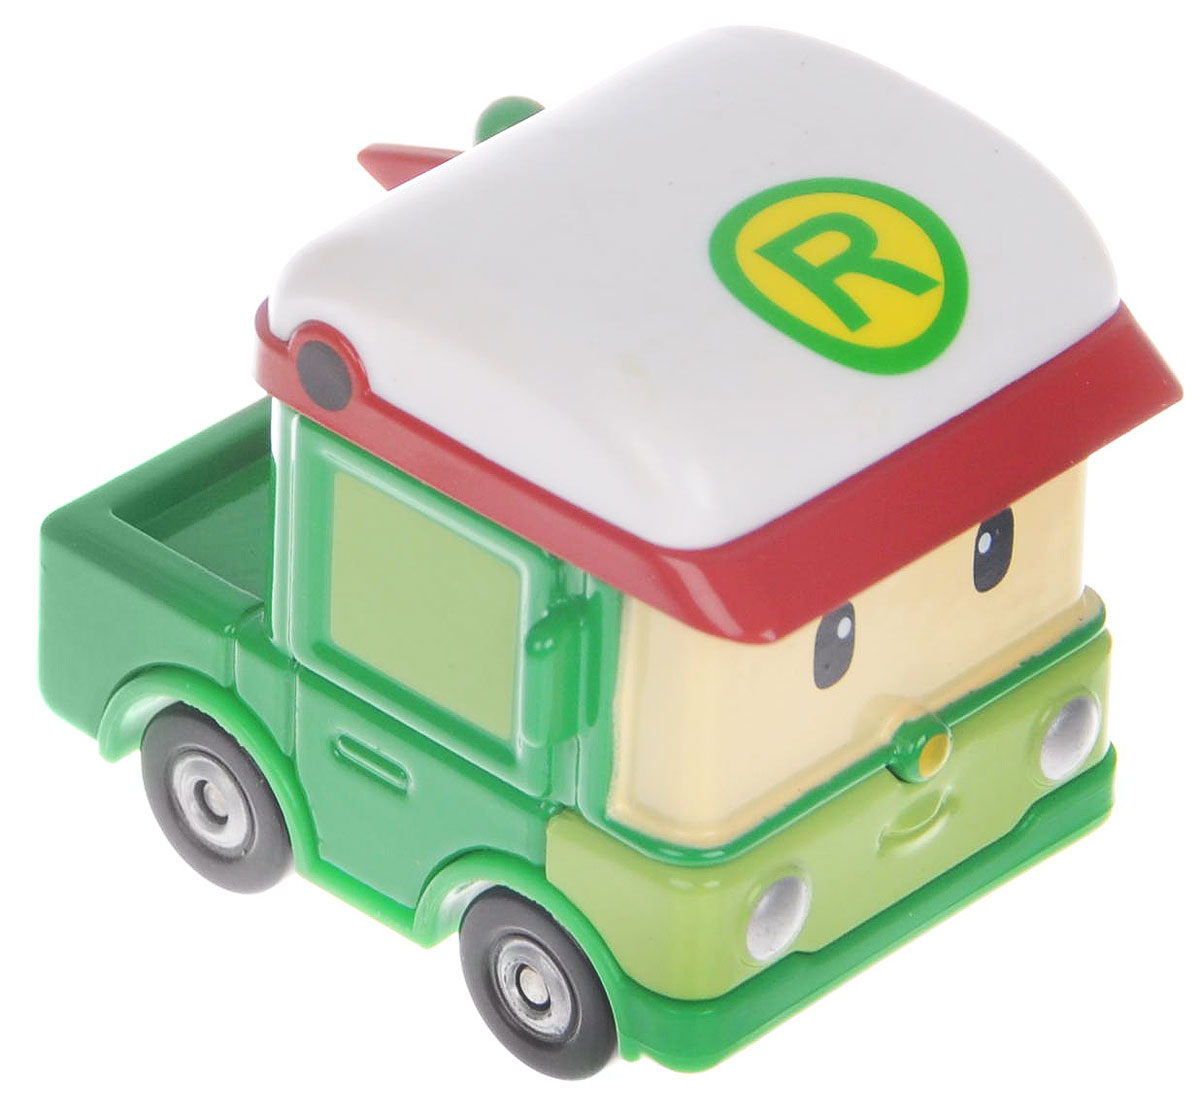 """Яркая игрушка Poli """"Машинка Роди"""" непременно понравится вашему малышу. Она выполнена из металла с элементами пластика в виде машинки Роди - персонажа популярного мультсериала """"Robocar Poli"""". Роди оснащен колесиками со свободным ходом, позволяющими катать машинку. Благодаря небольшому размеру ребенок сможет взять игрушку с собой на прогулку, в поездку или в гости. Порадуйте своего малыша таким замечательным подарком!"""